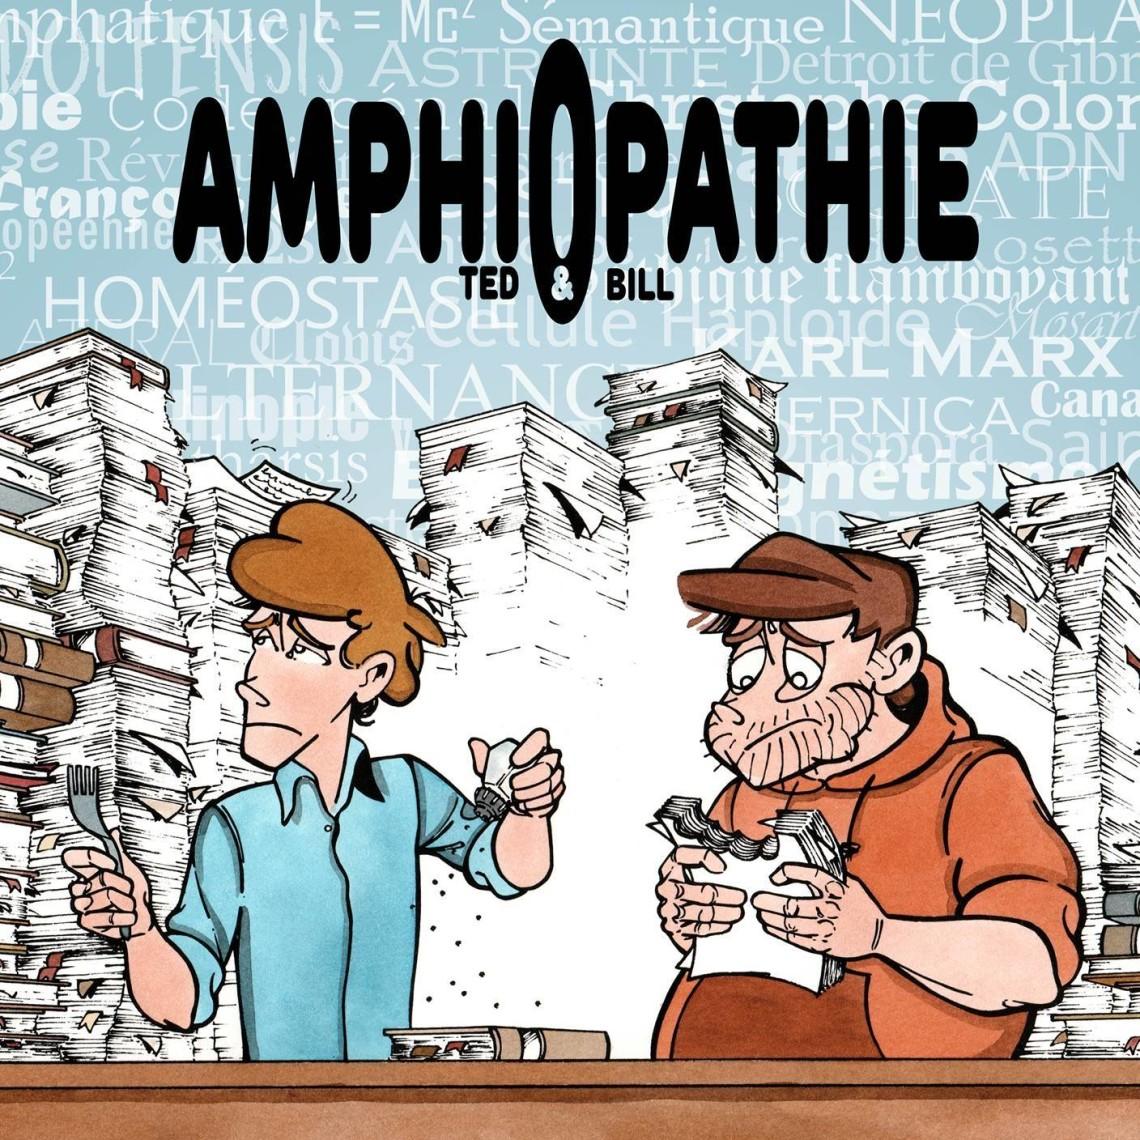 Couverture de la Bande Dessinée Amphiopatie